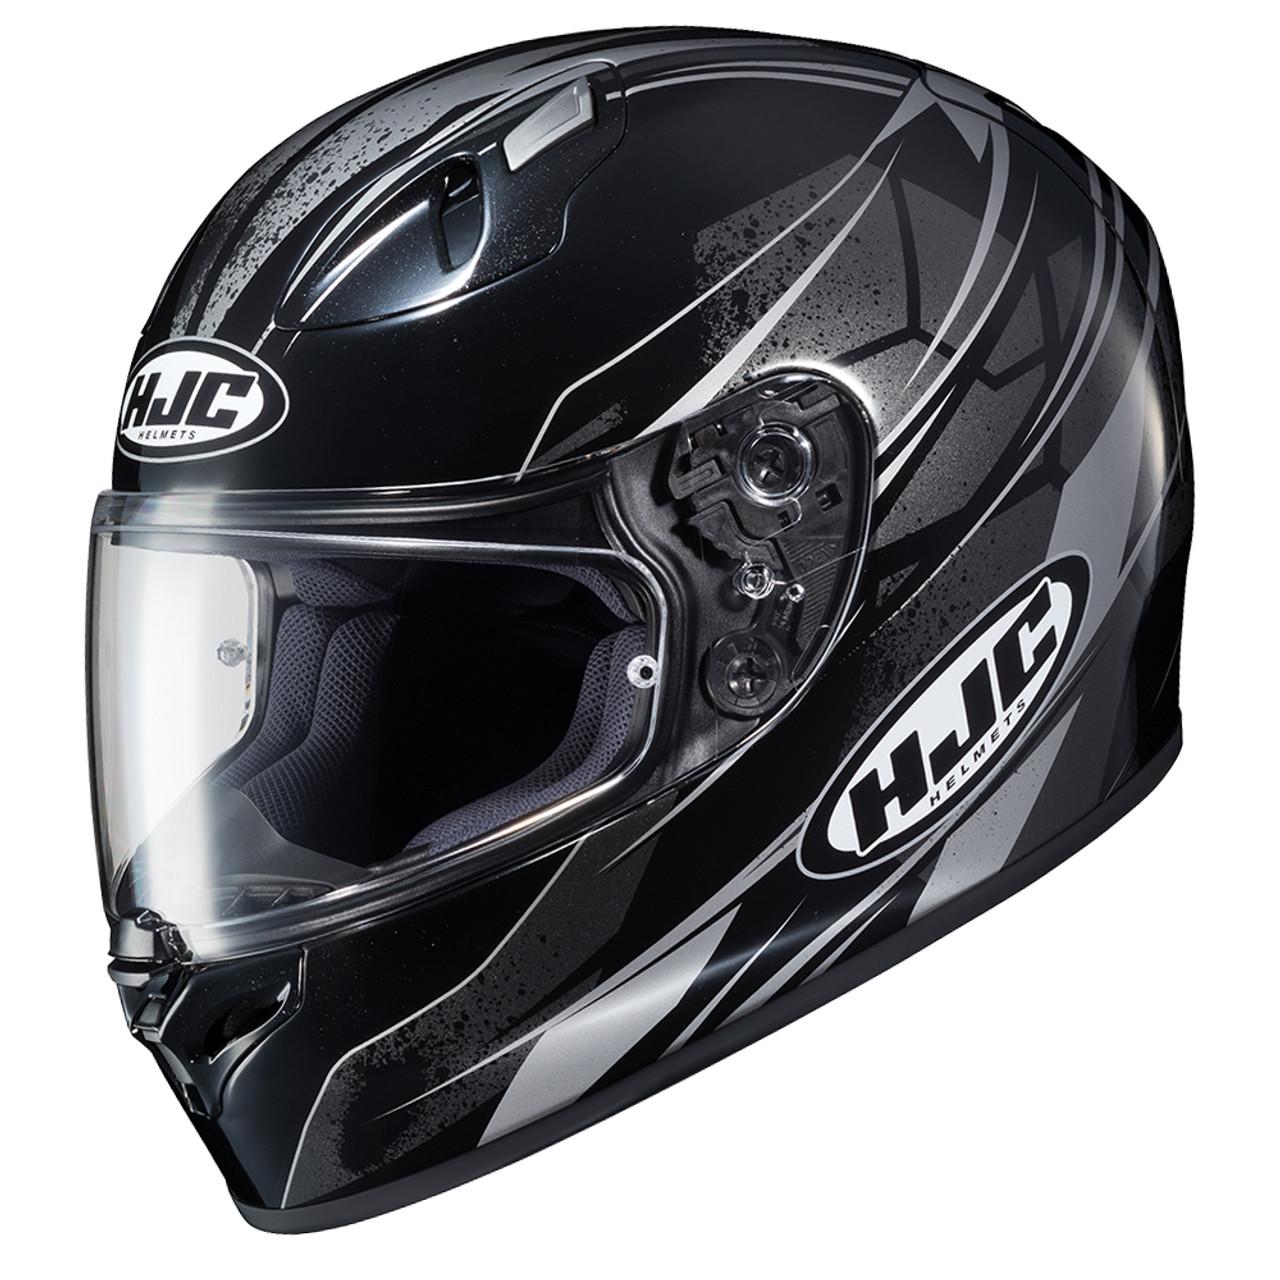 Hjc Fg 17 >> Hjc Fg 17 Toba Helmet Black Grey